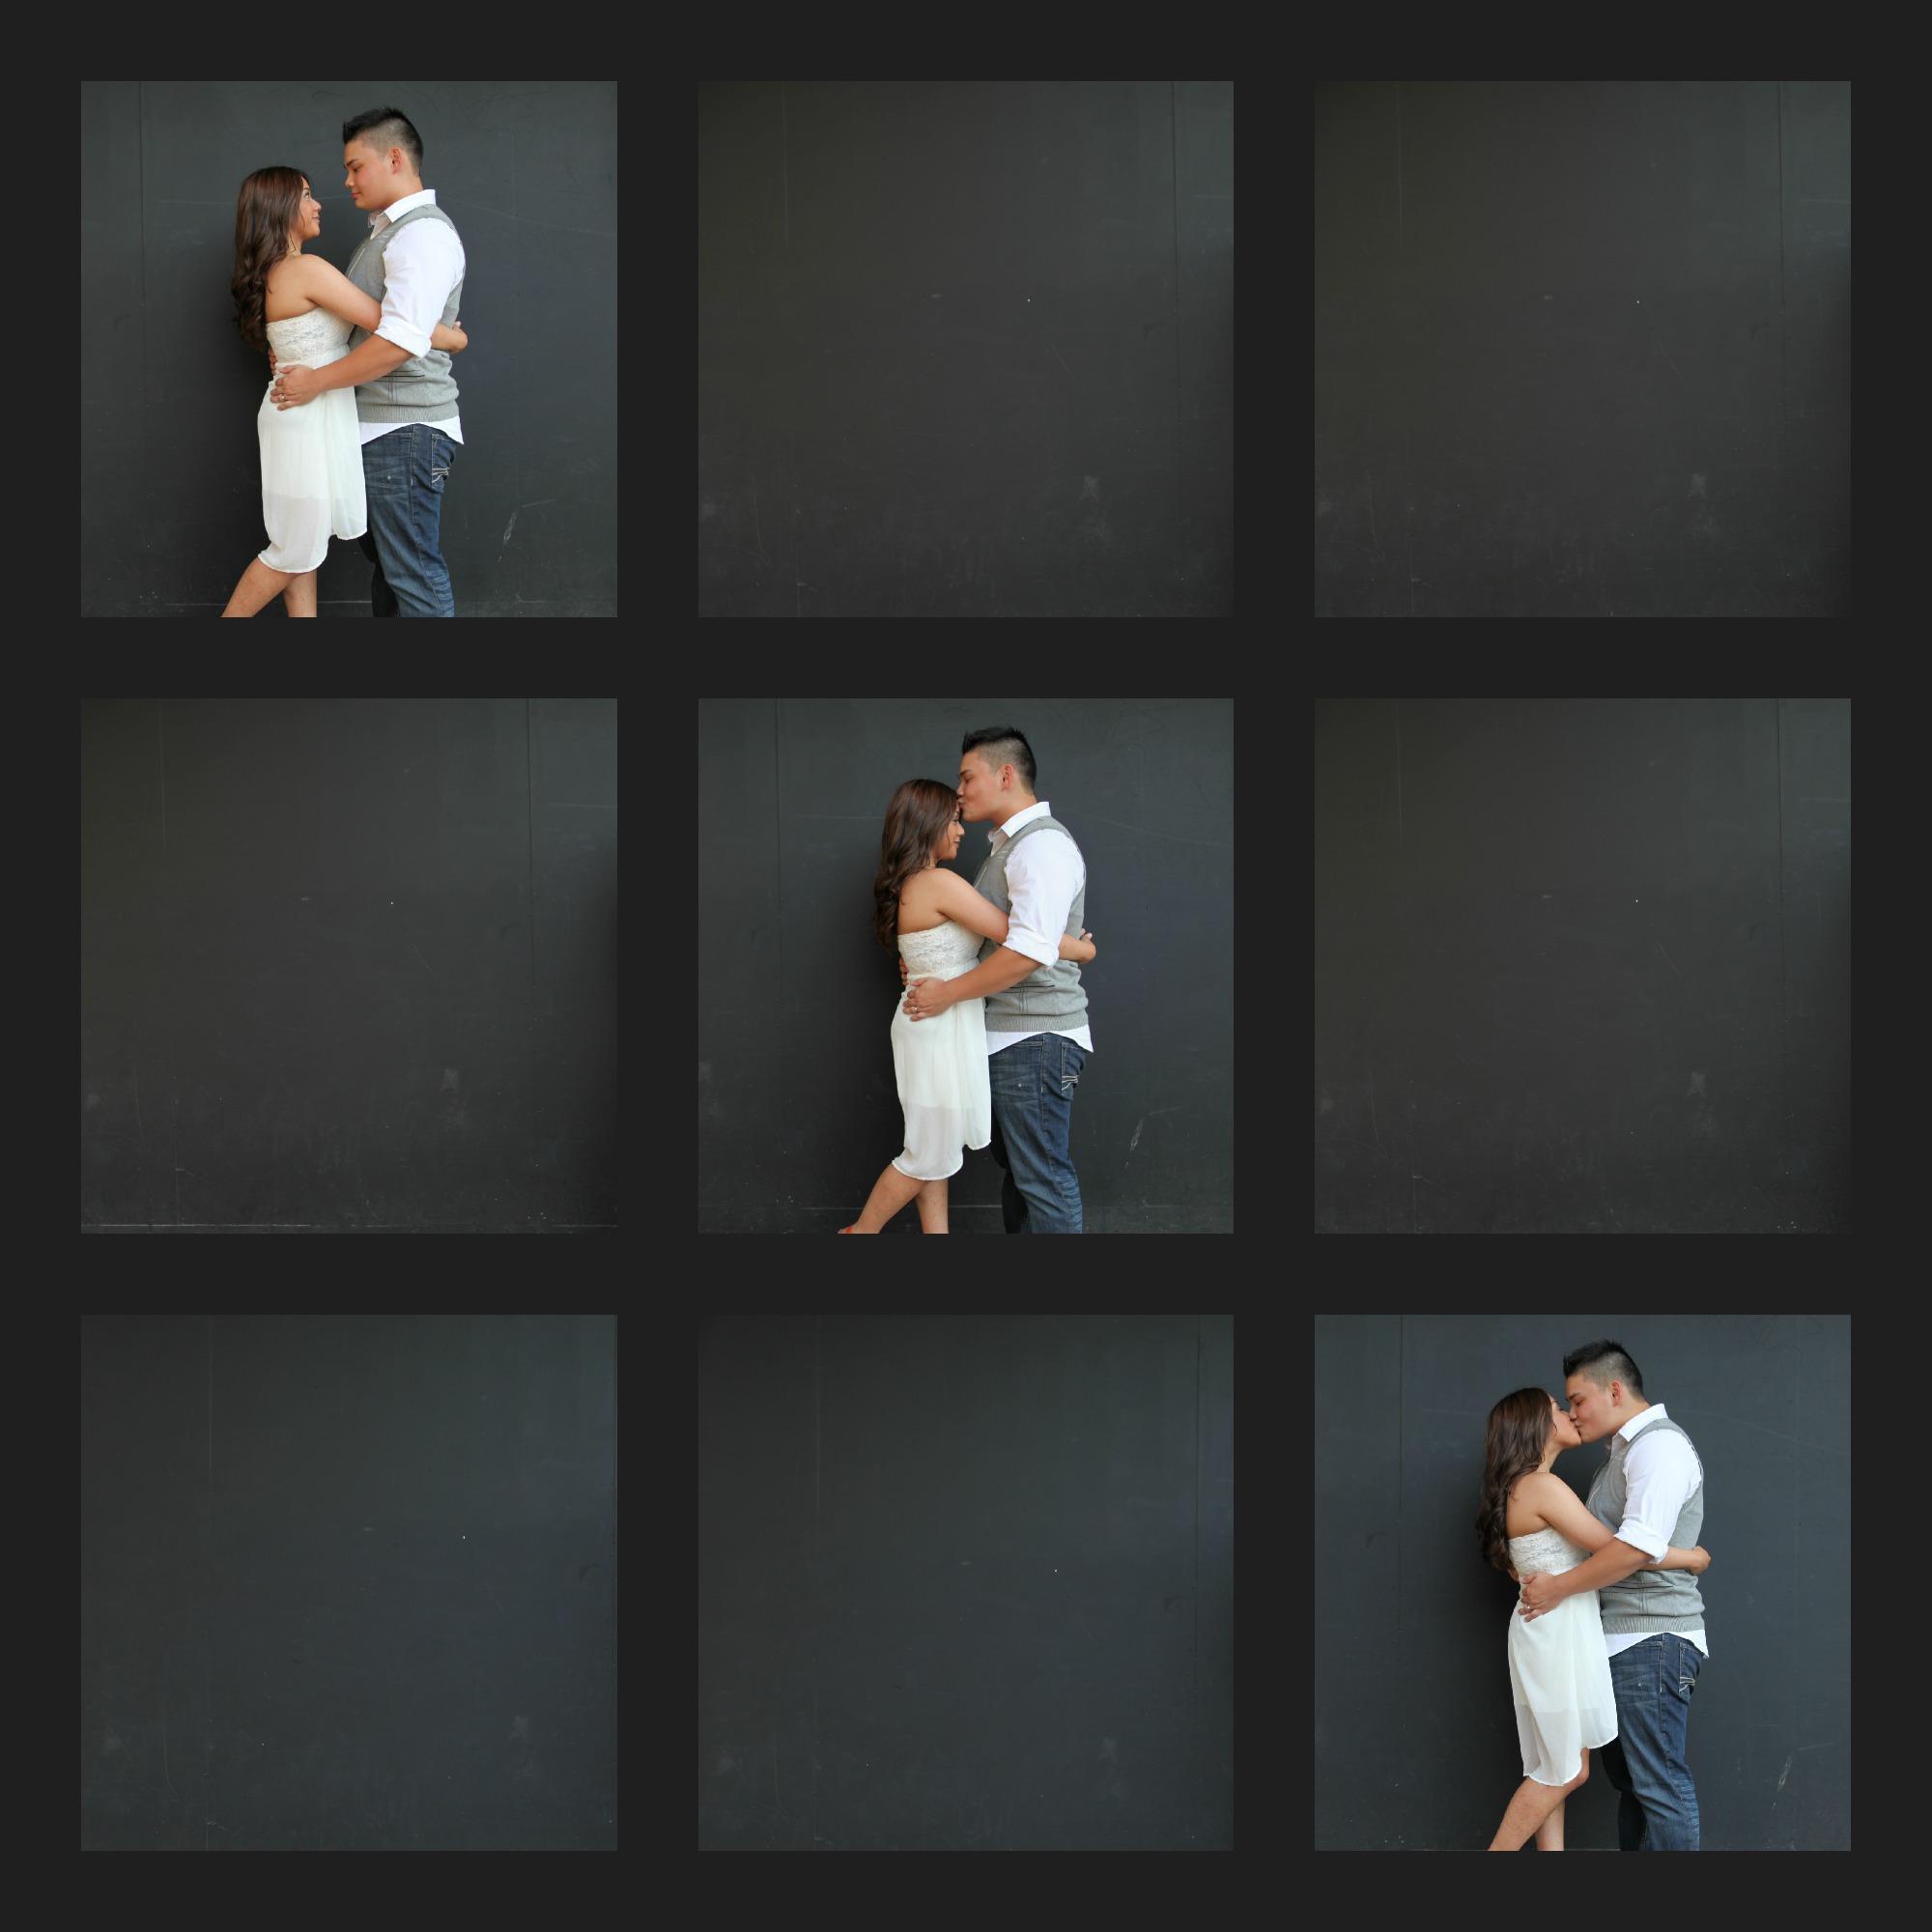 Tony+and+Cassandra+Box+Collage